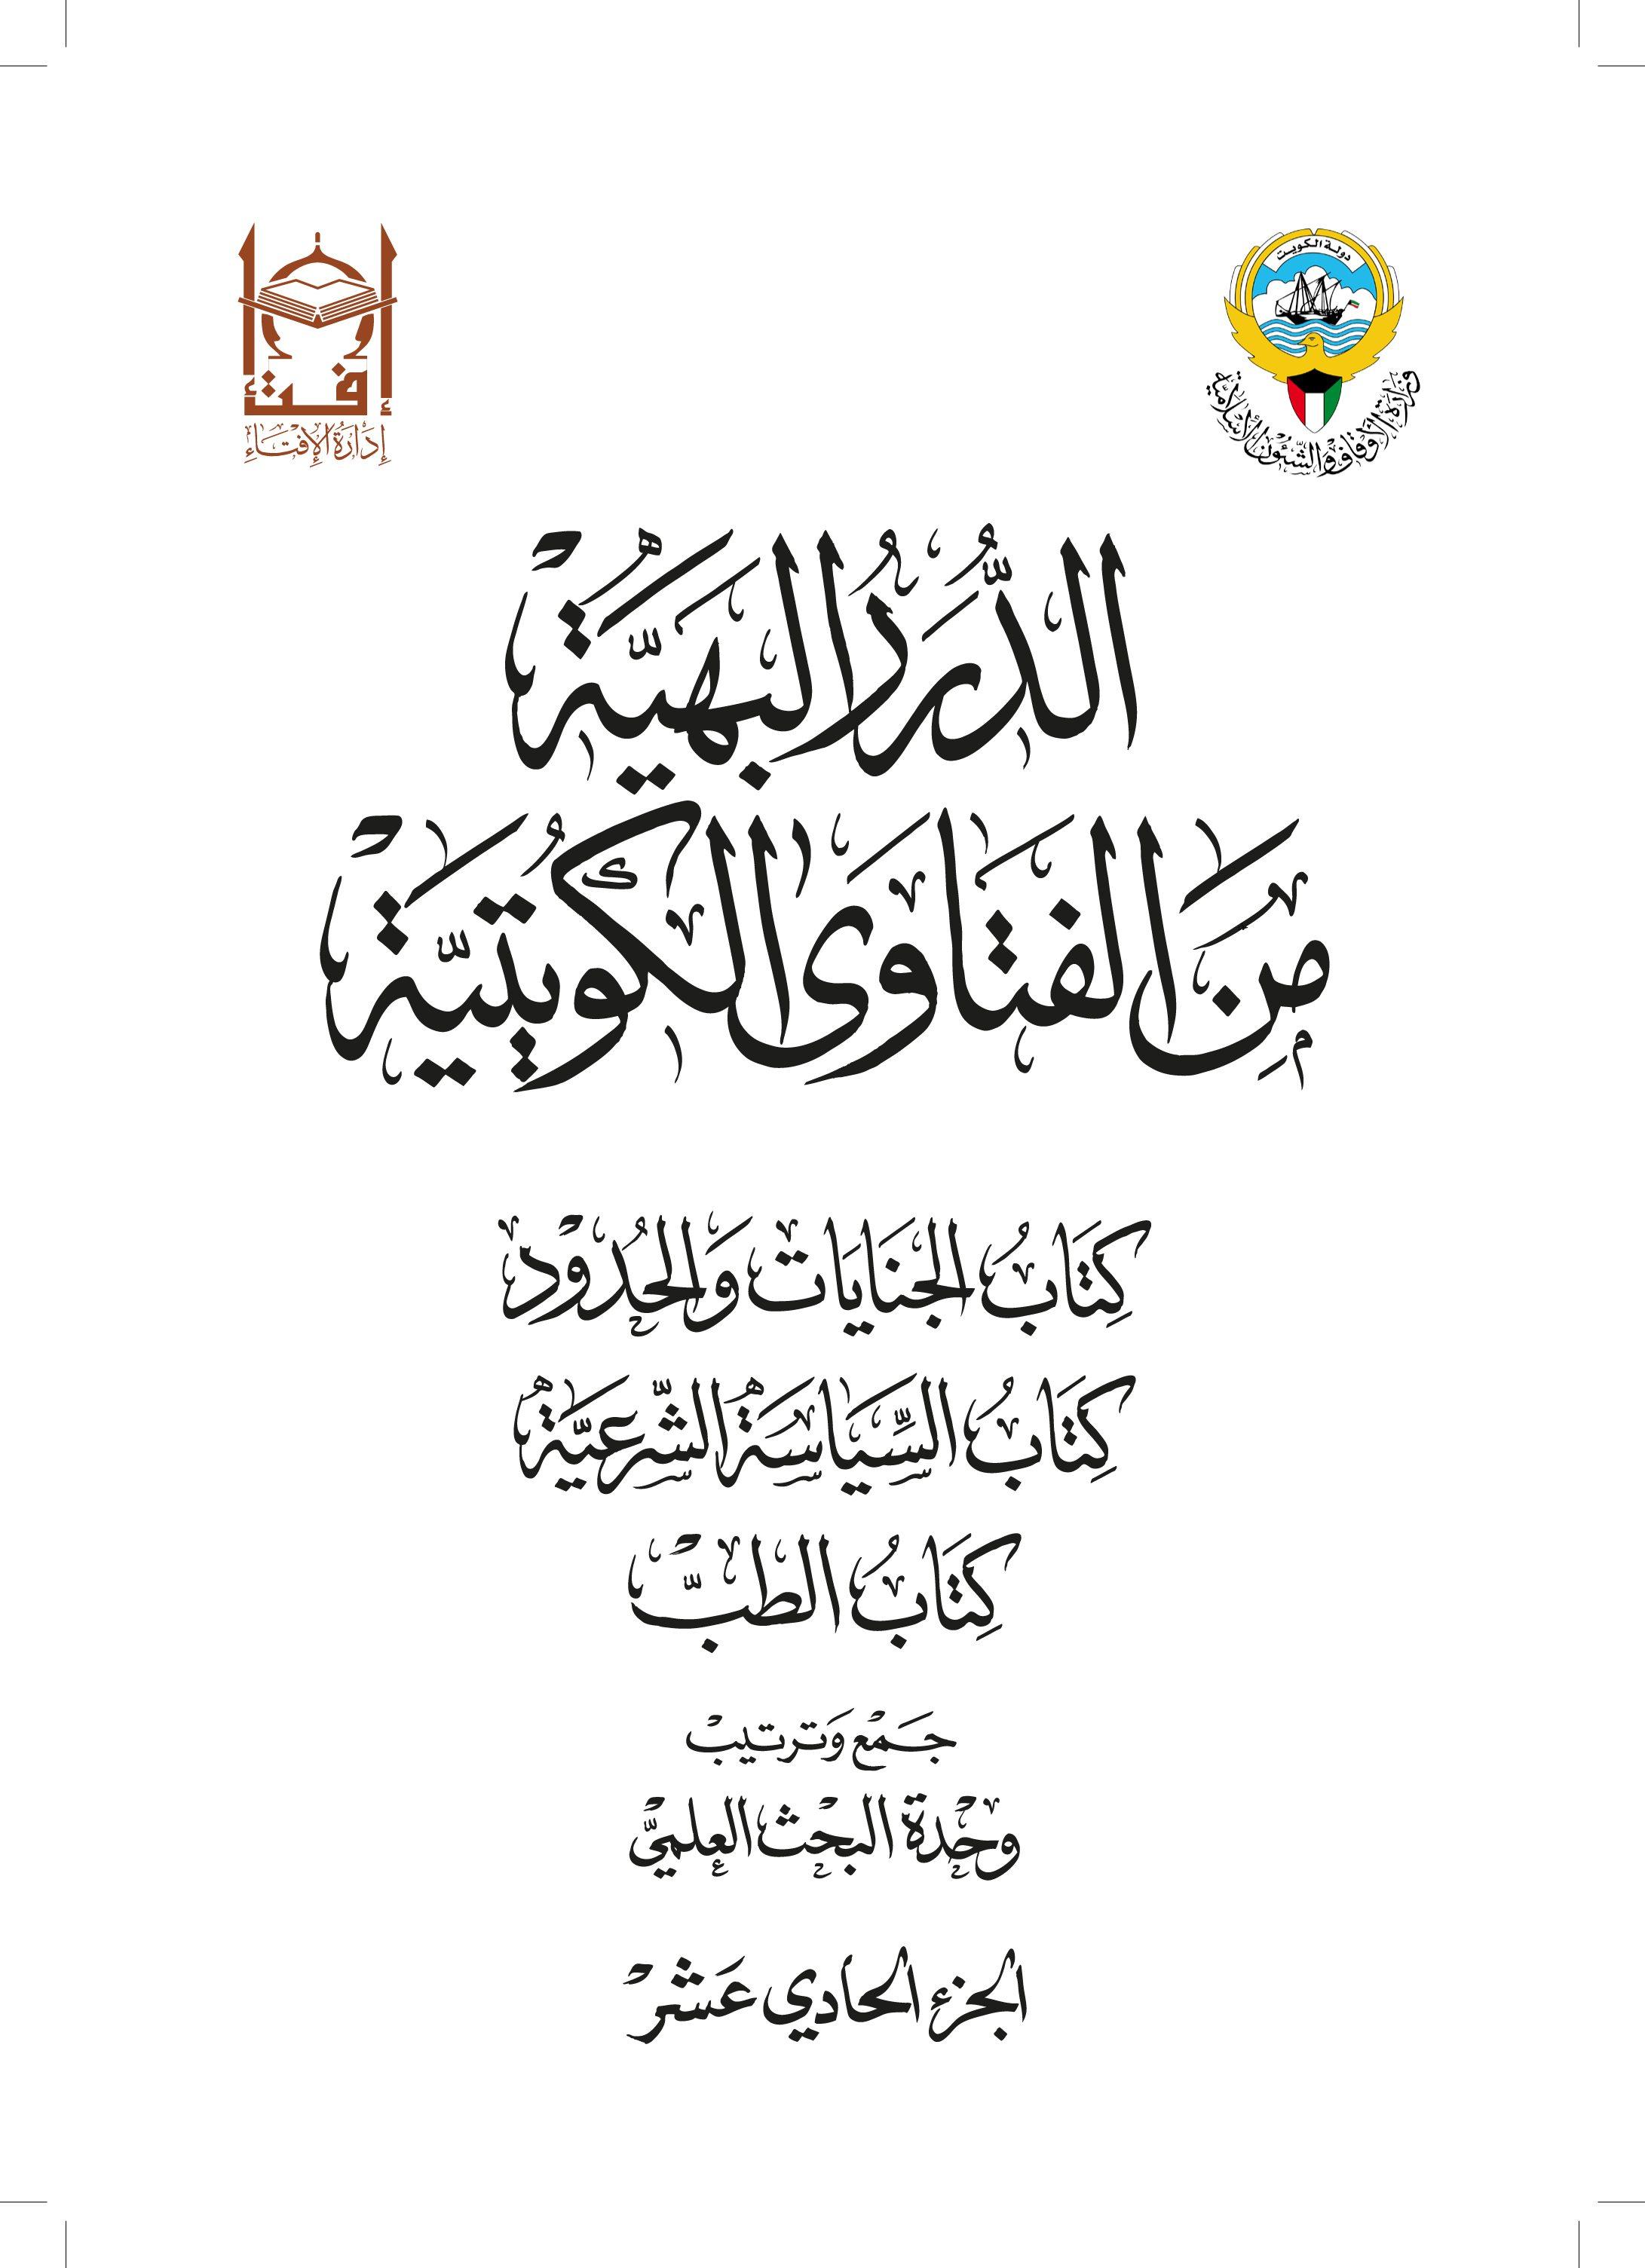 الدرر البهية من الفتاوى الكويتية – كتاب الجنايات والحدود والسياسة الشرعية والطب (الجزء الحادي عشر)